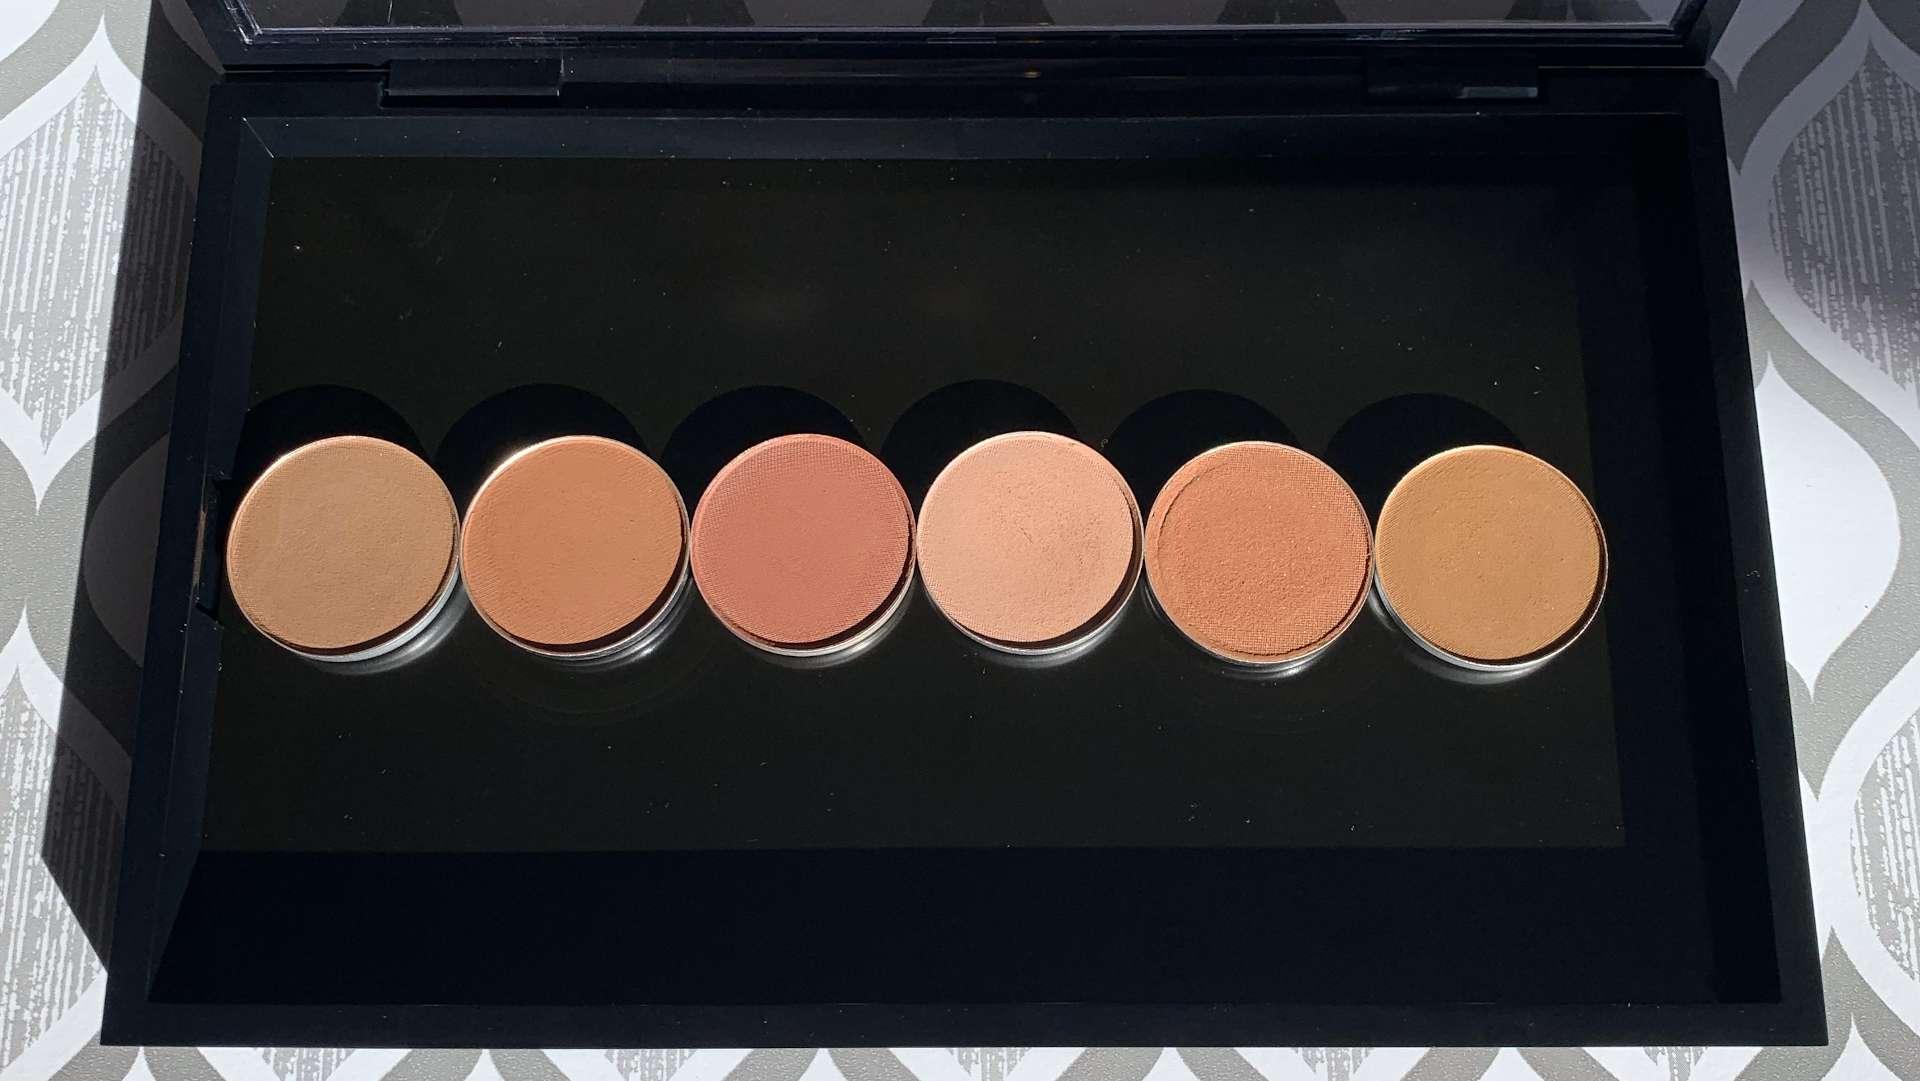 MAC eyeshadows cork, saddle, brown script, soft brown, texture, uninterrupted swatches on medium dark skin